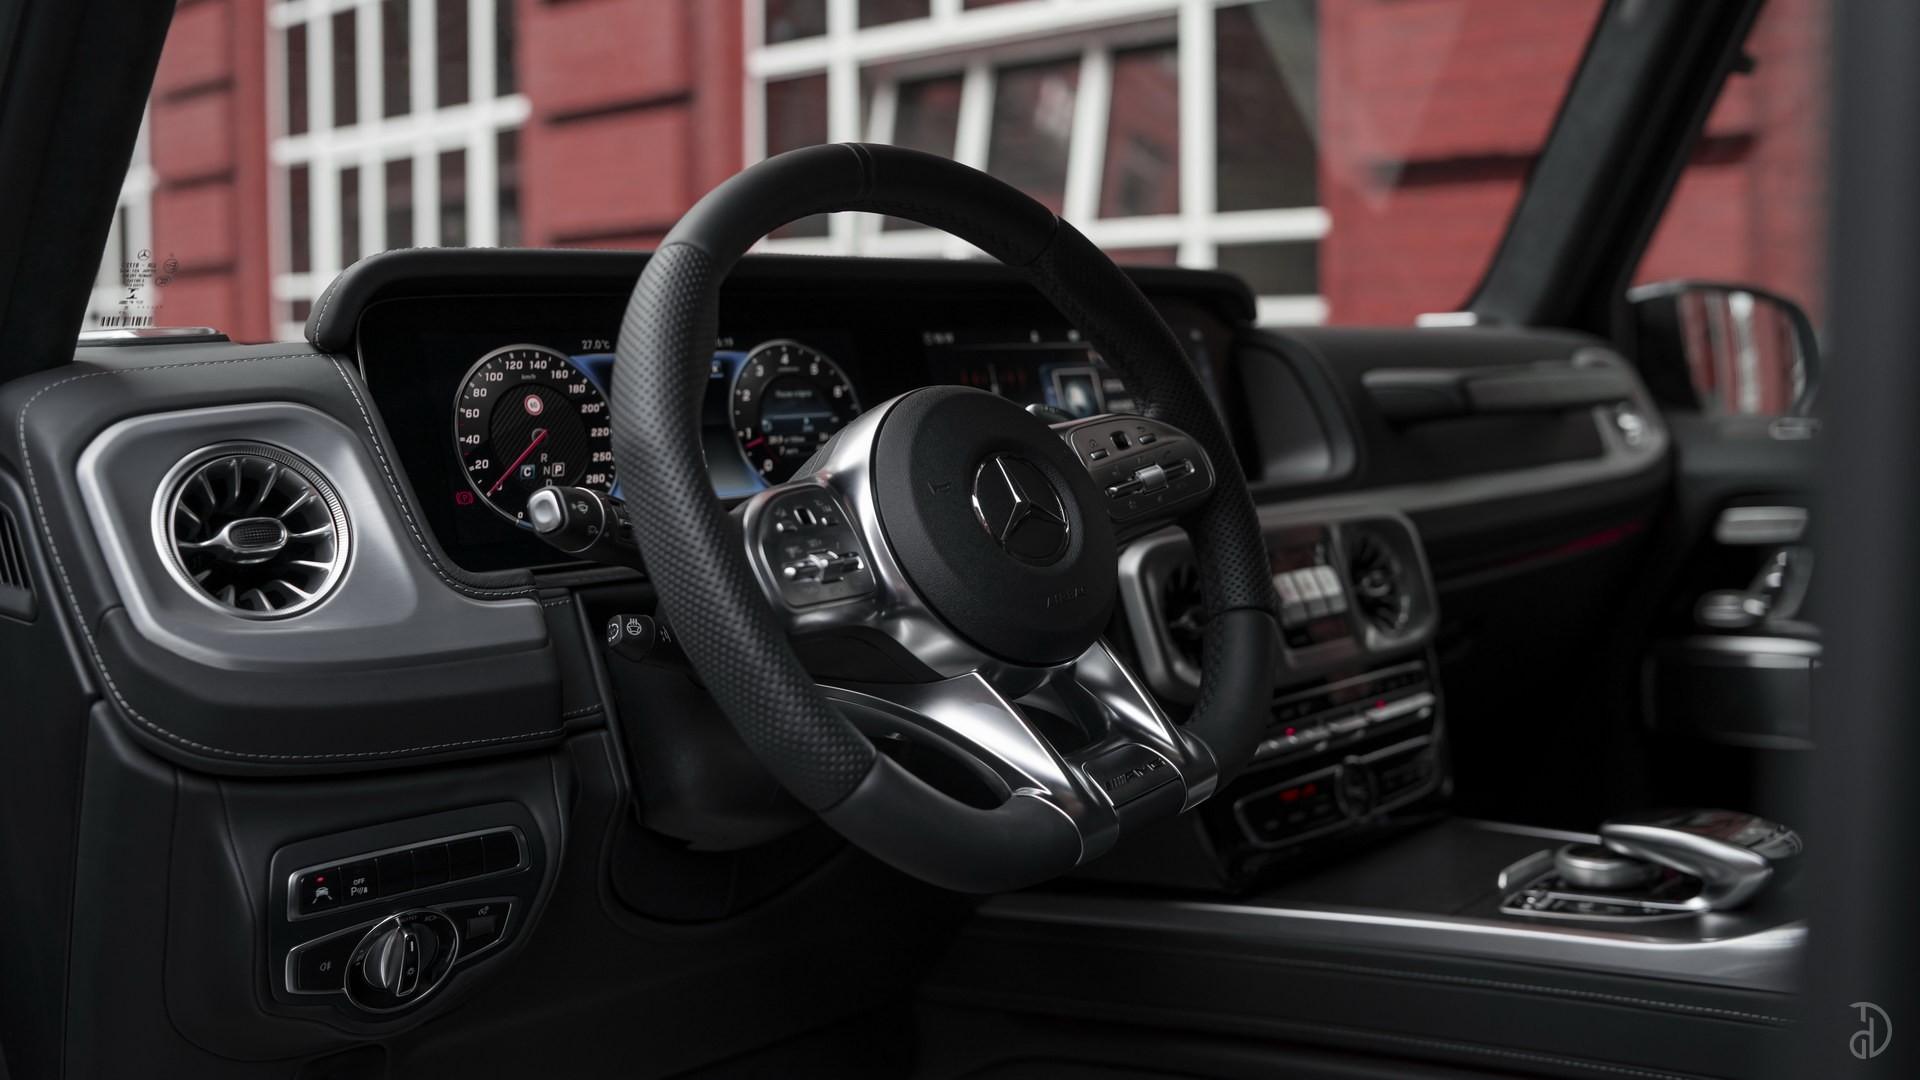 Аренда Гелендвагена Mercedes G 63 AMG 2020 в Москве. Фото 7